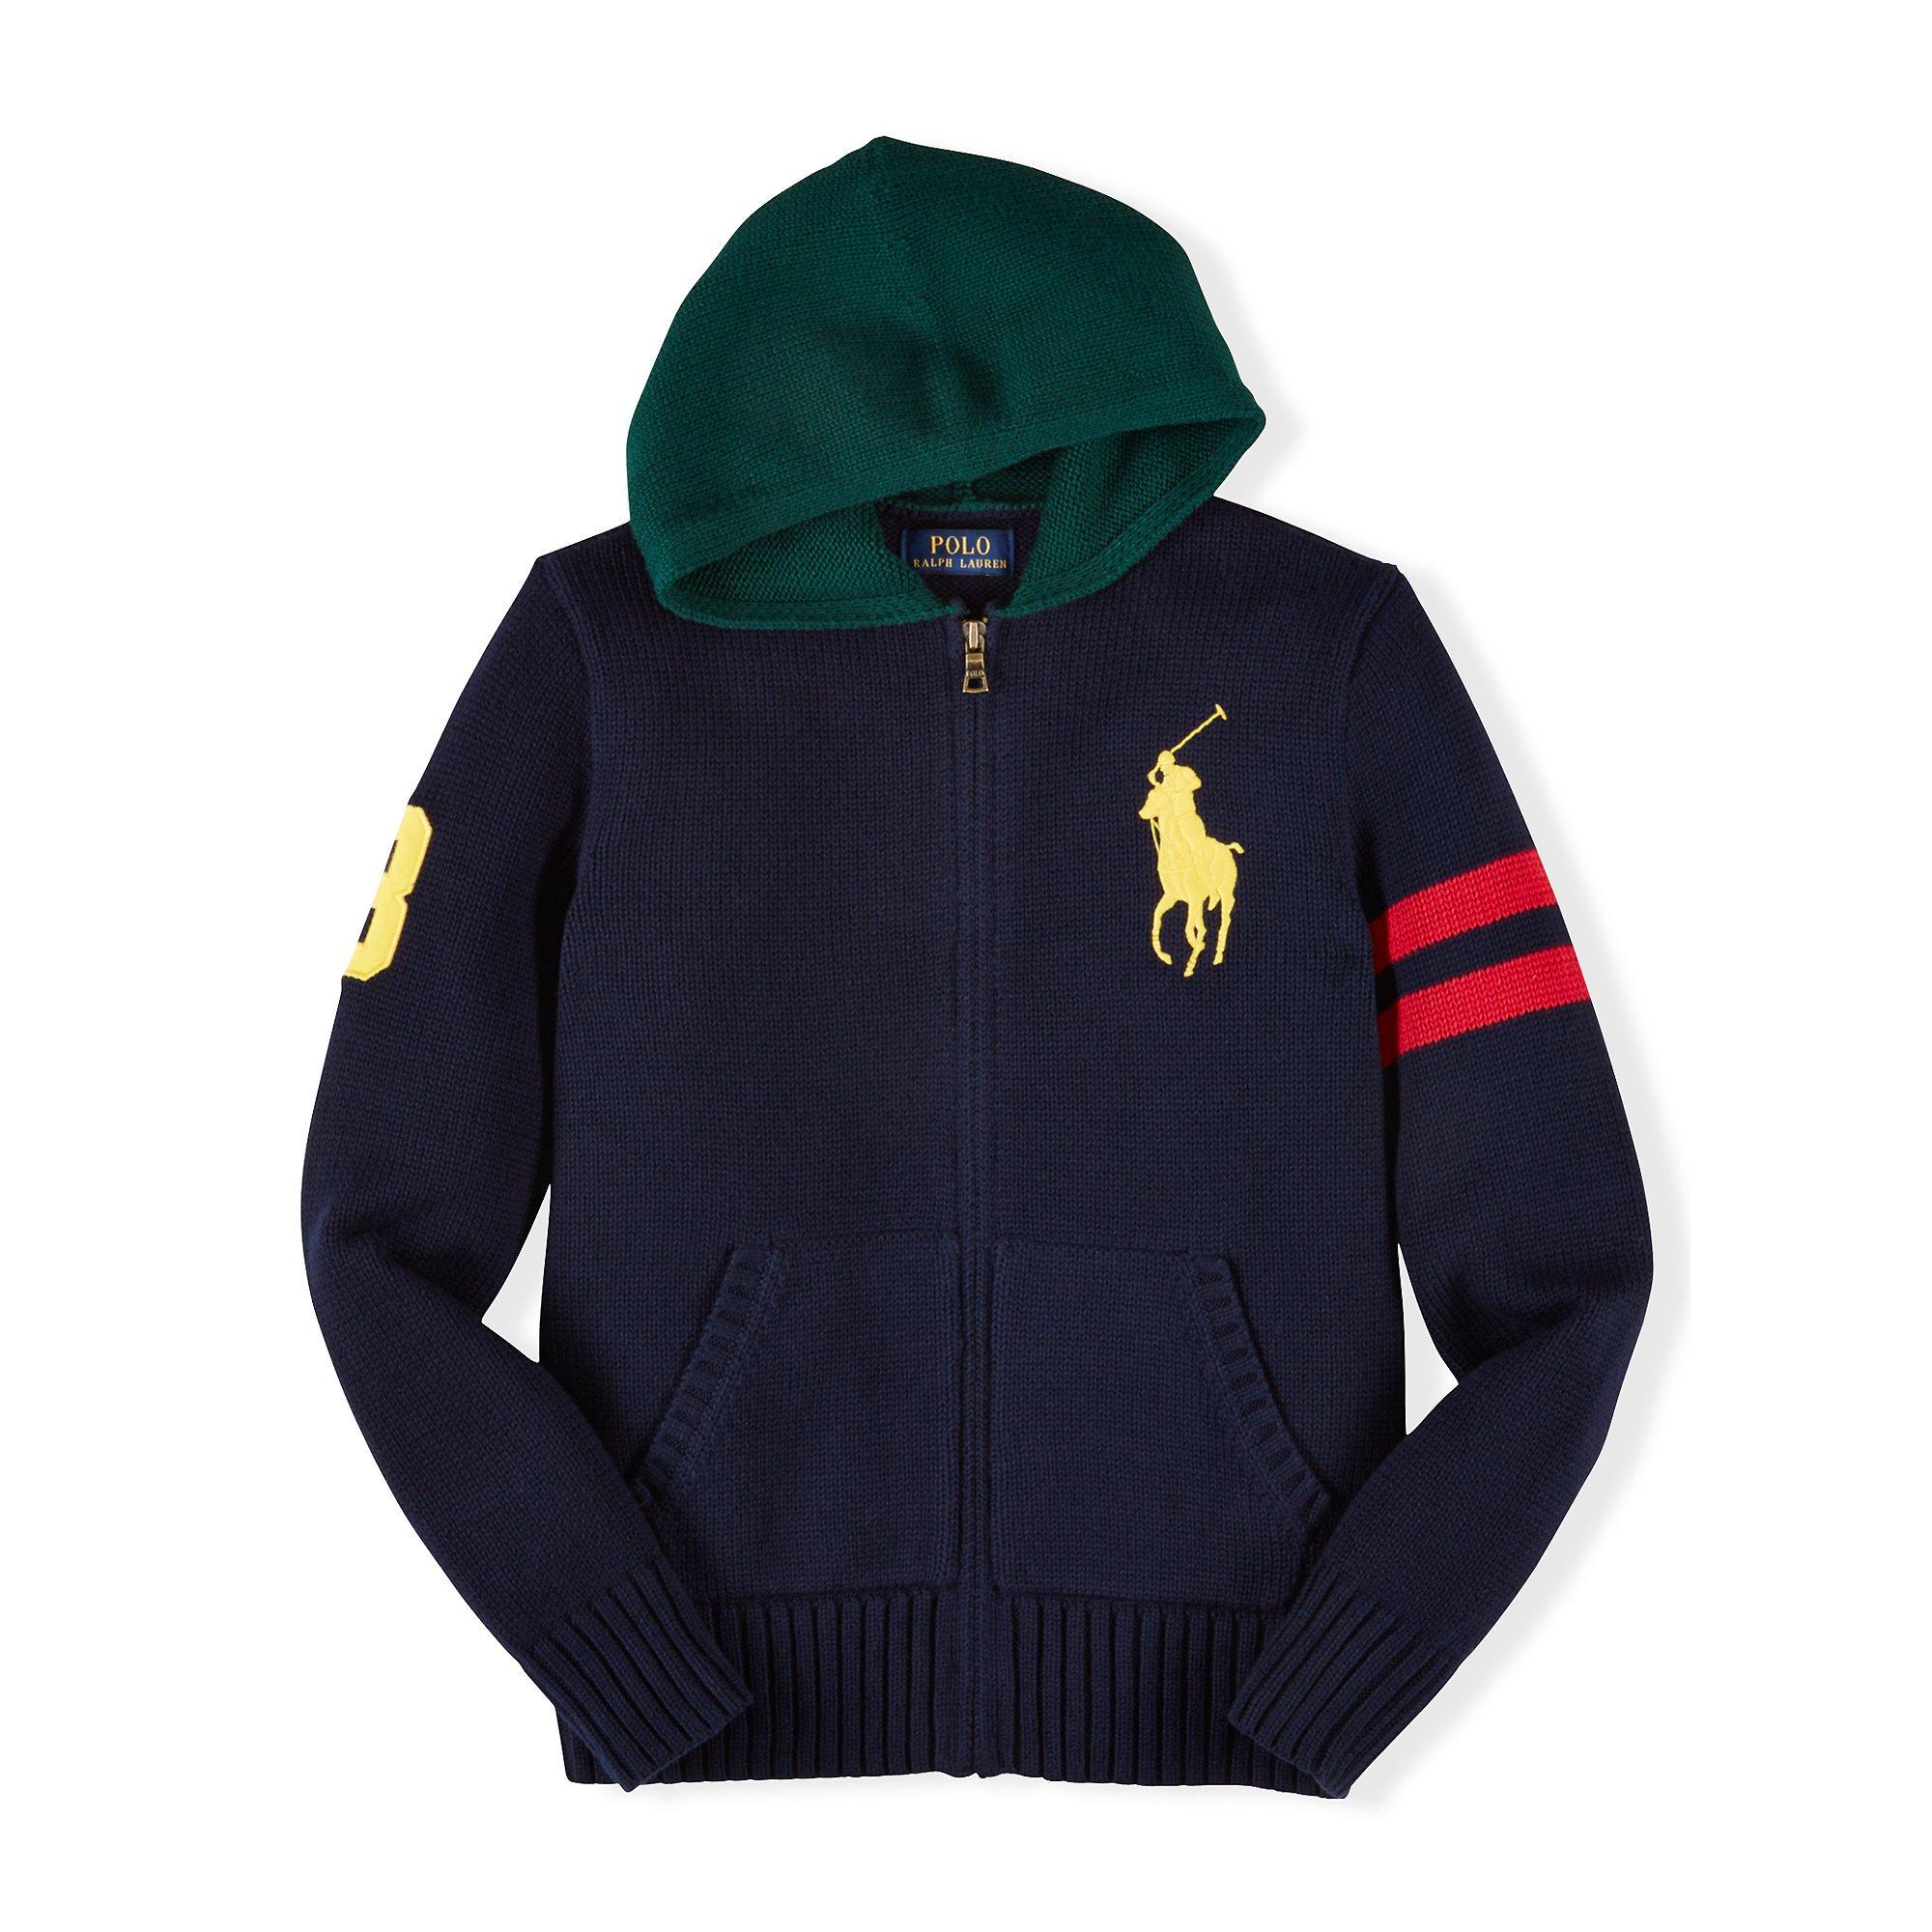 Ralph lauren Big Pony Cotton Hooded Sweater for Men | Lyst